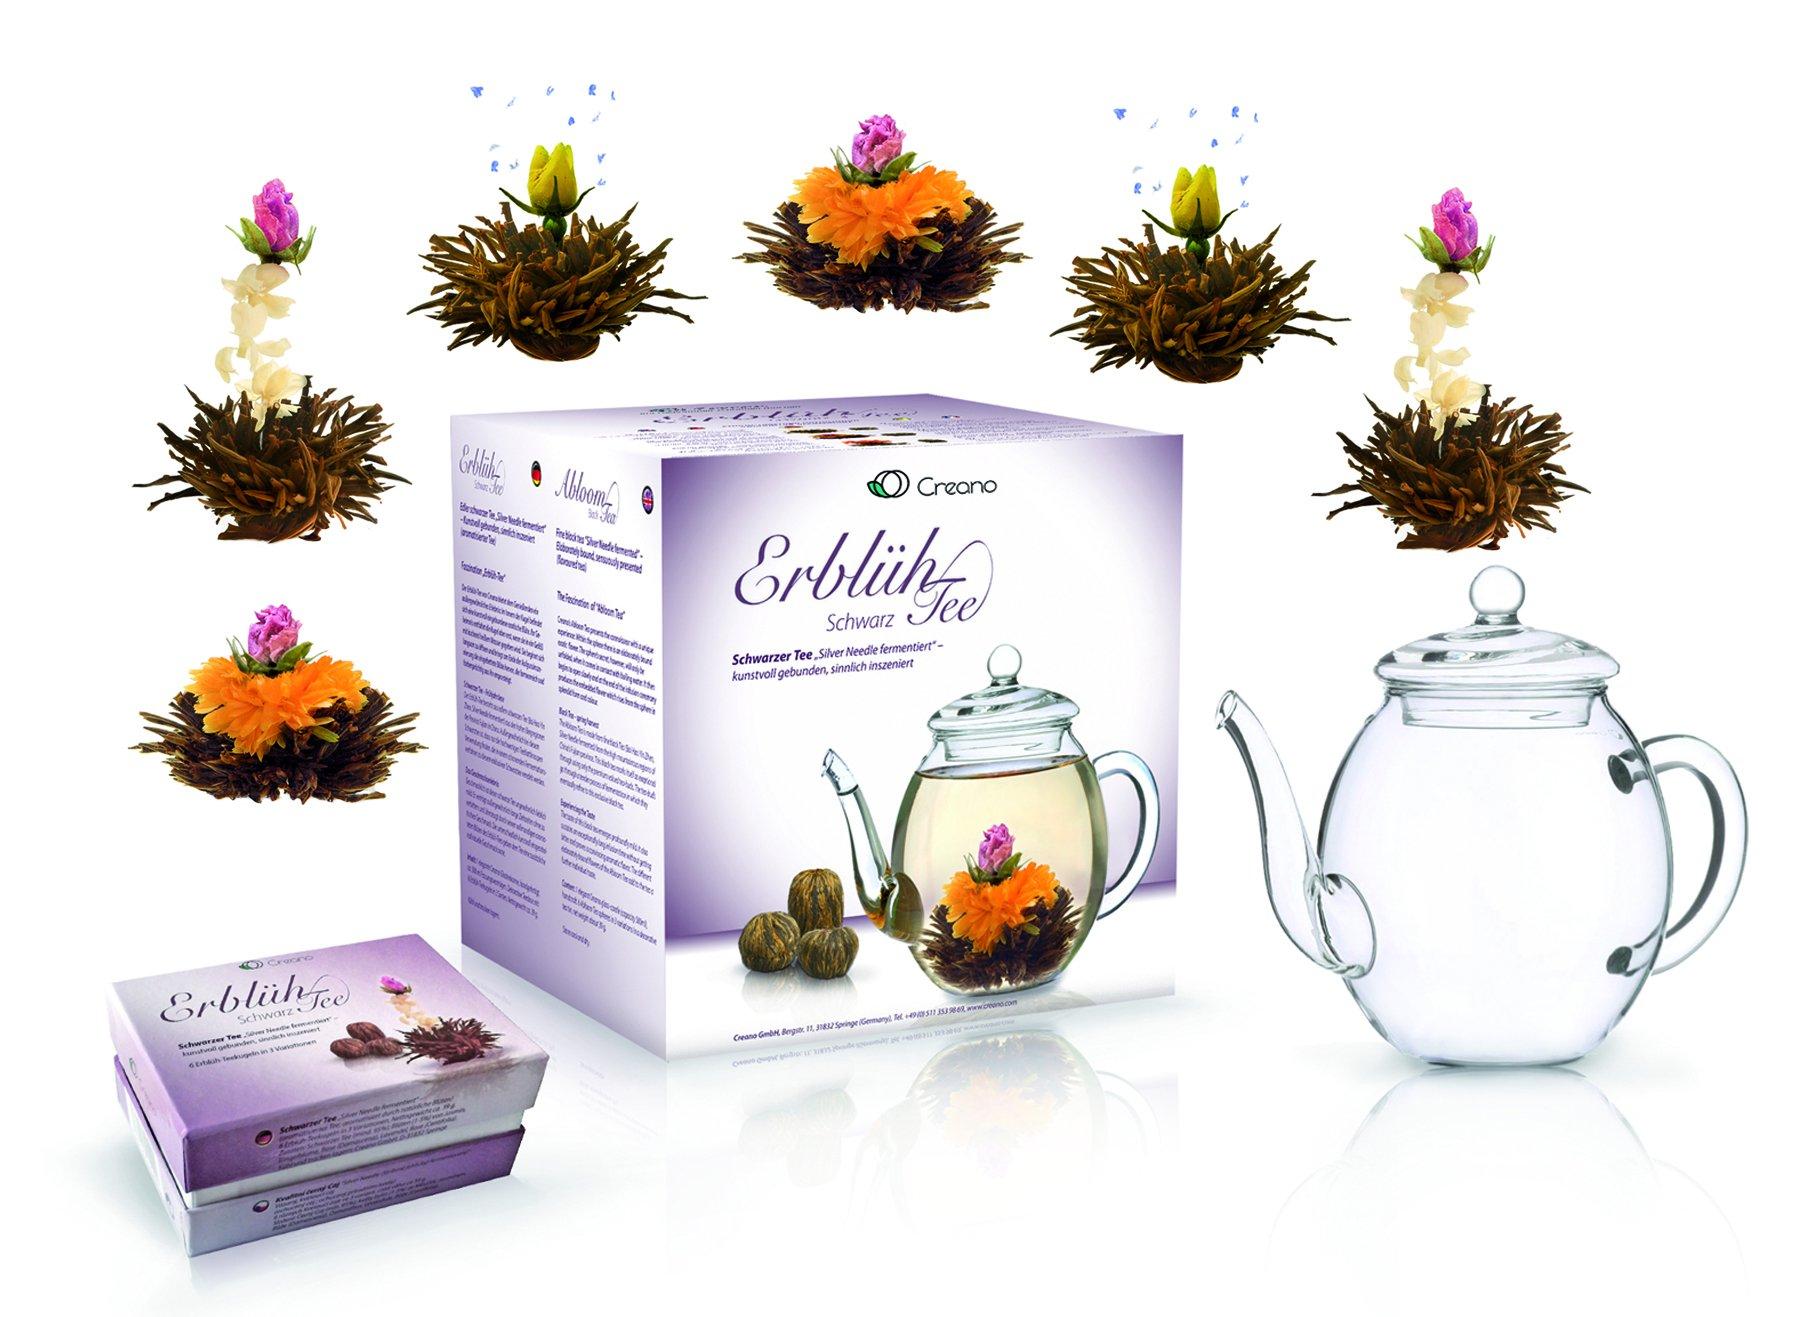 Creano-Teeblumen-Mix-GeschenksetErblhTee-mit-Glaskanne-Schwarztee-6-Teerosen-in-3-verschiedenen-Sorten